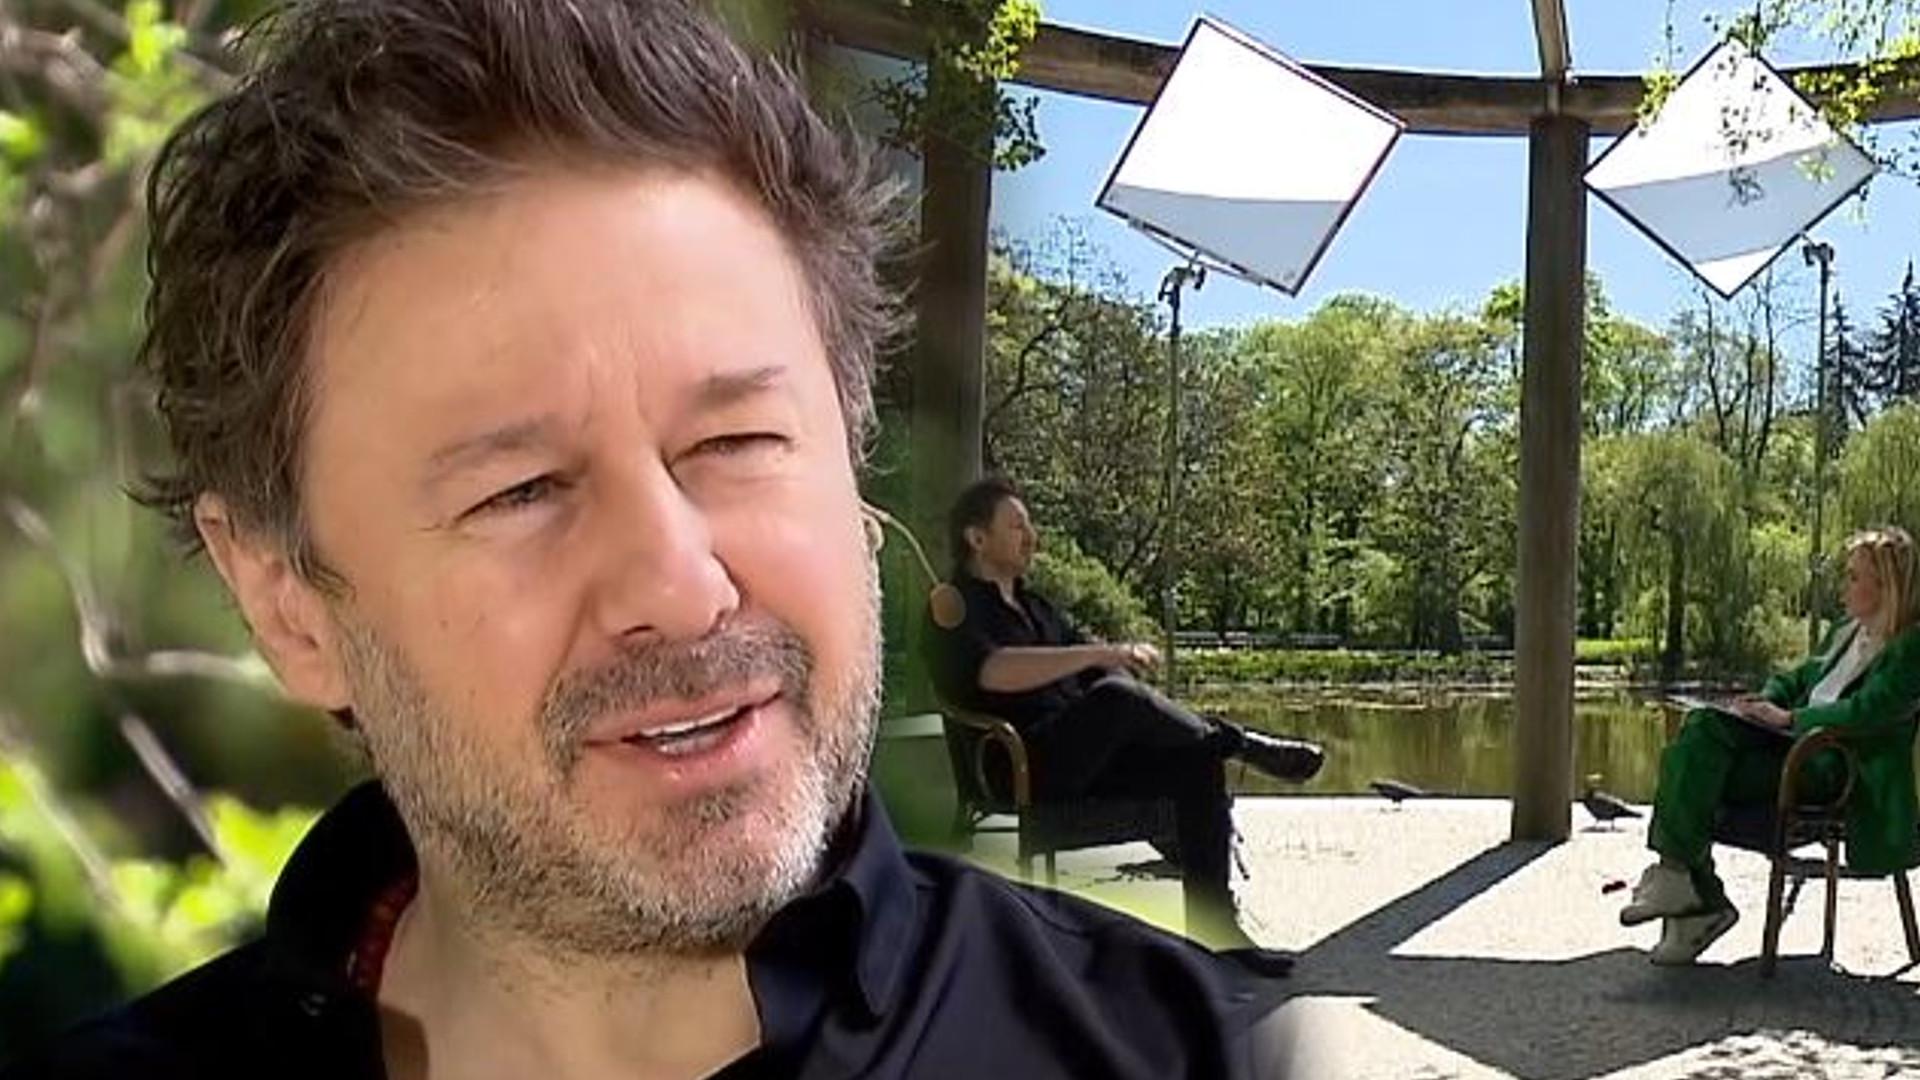 Andrzej Piaseczny w szczerym wywiadzie na temat swojego coming outu. Zdradził, czy chciałby adoptować dzieci